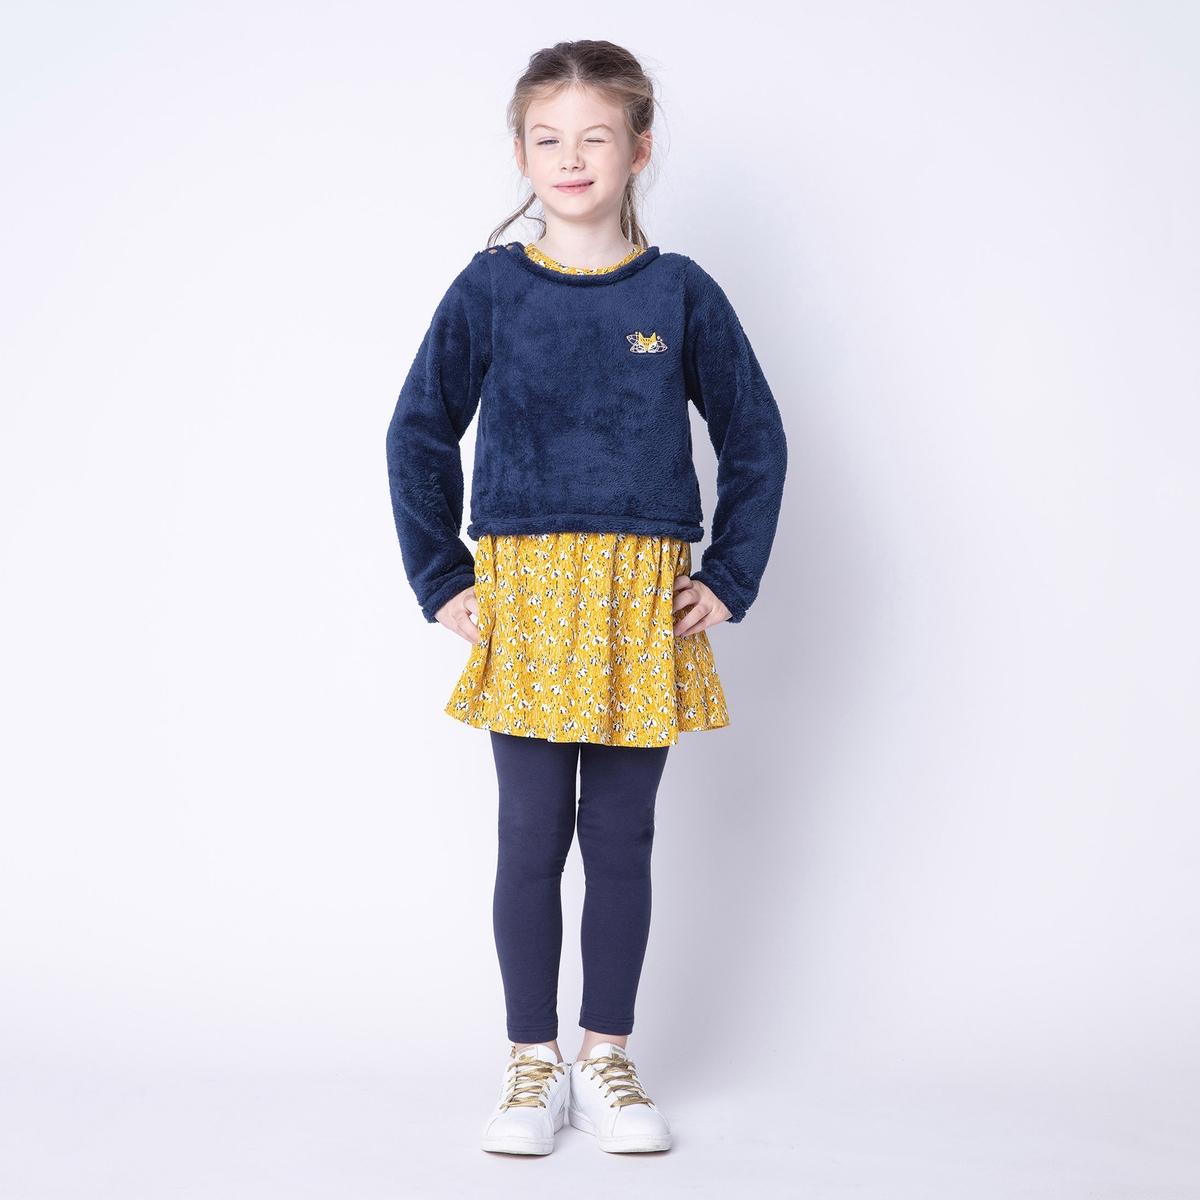 Комплект из платья и пуловера La Redoute С эффектом в 4/5 лет - 102/108 см желтый